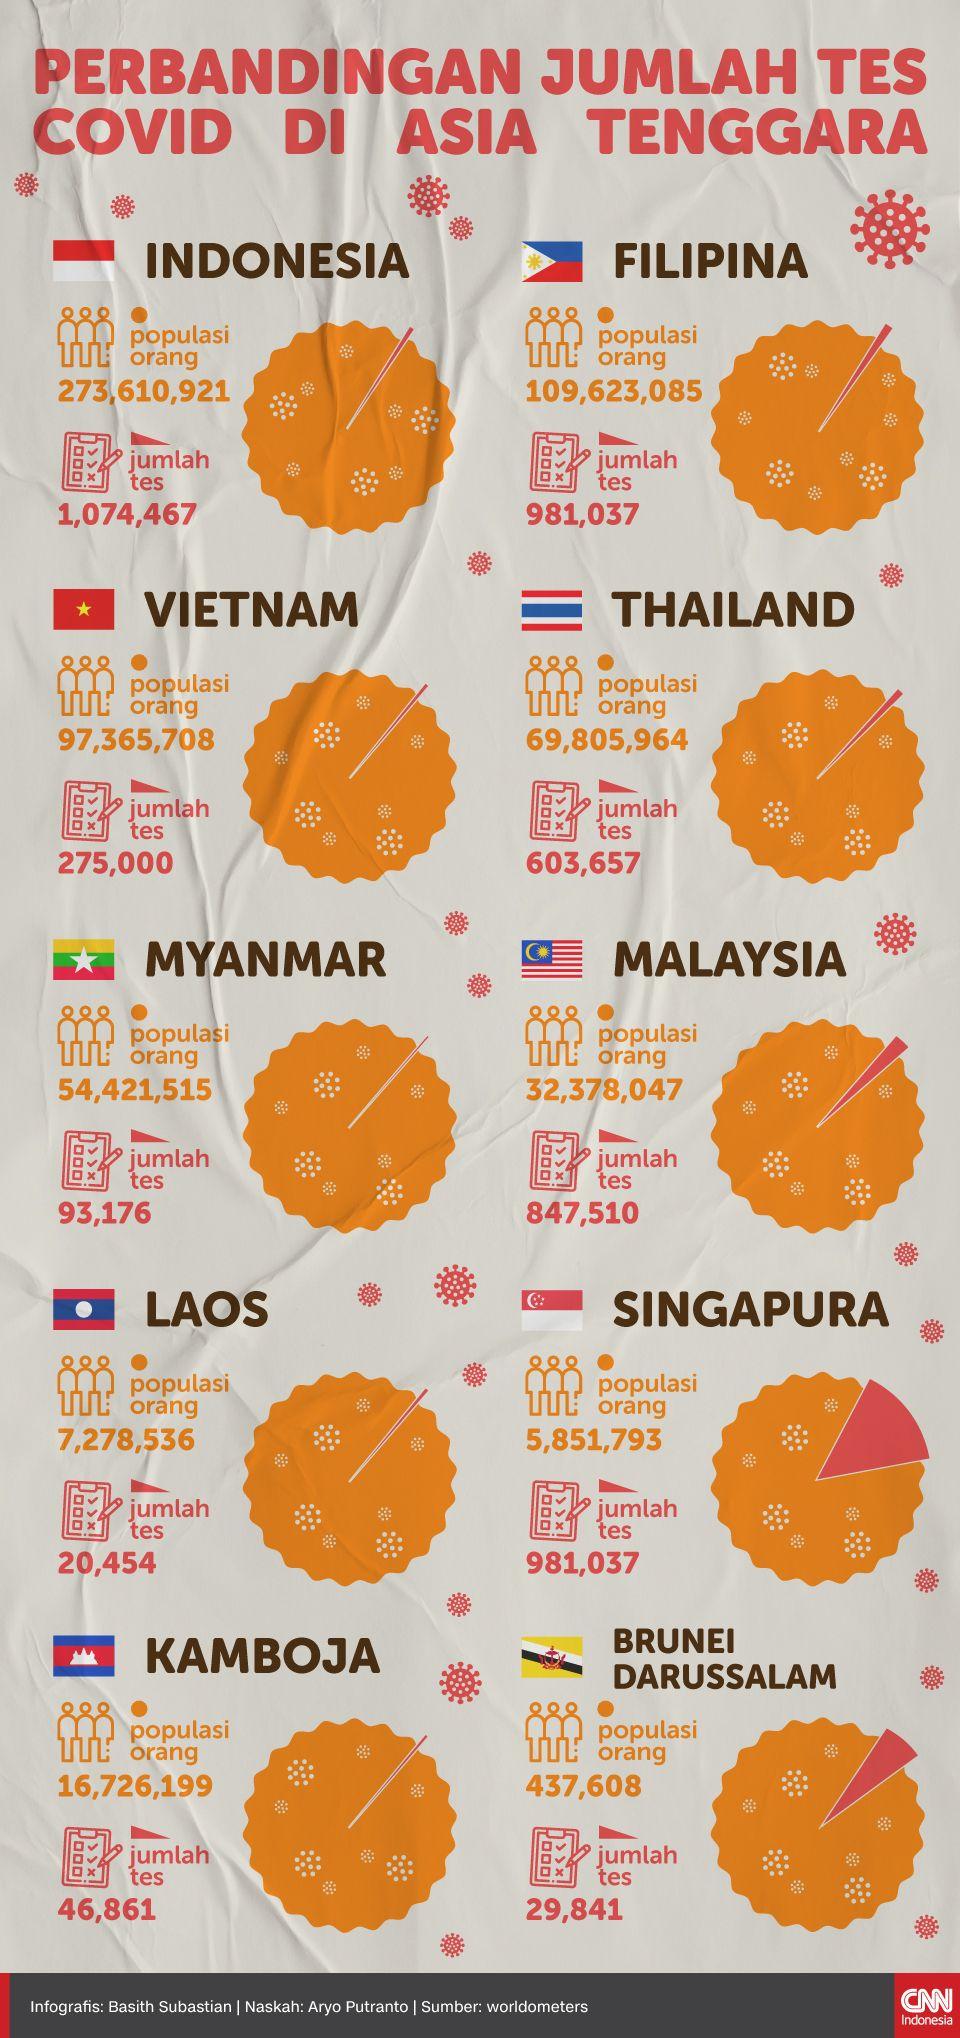 Infografis Perbandingan Jumlah Tes Covid di Asia Tenggara